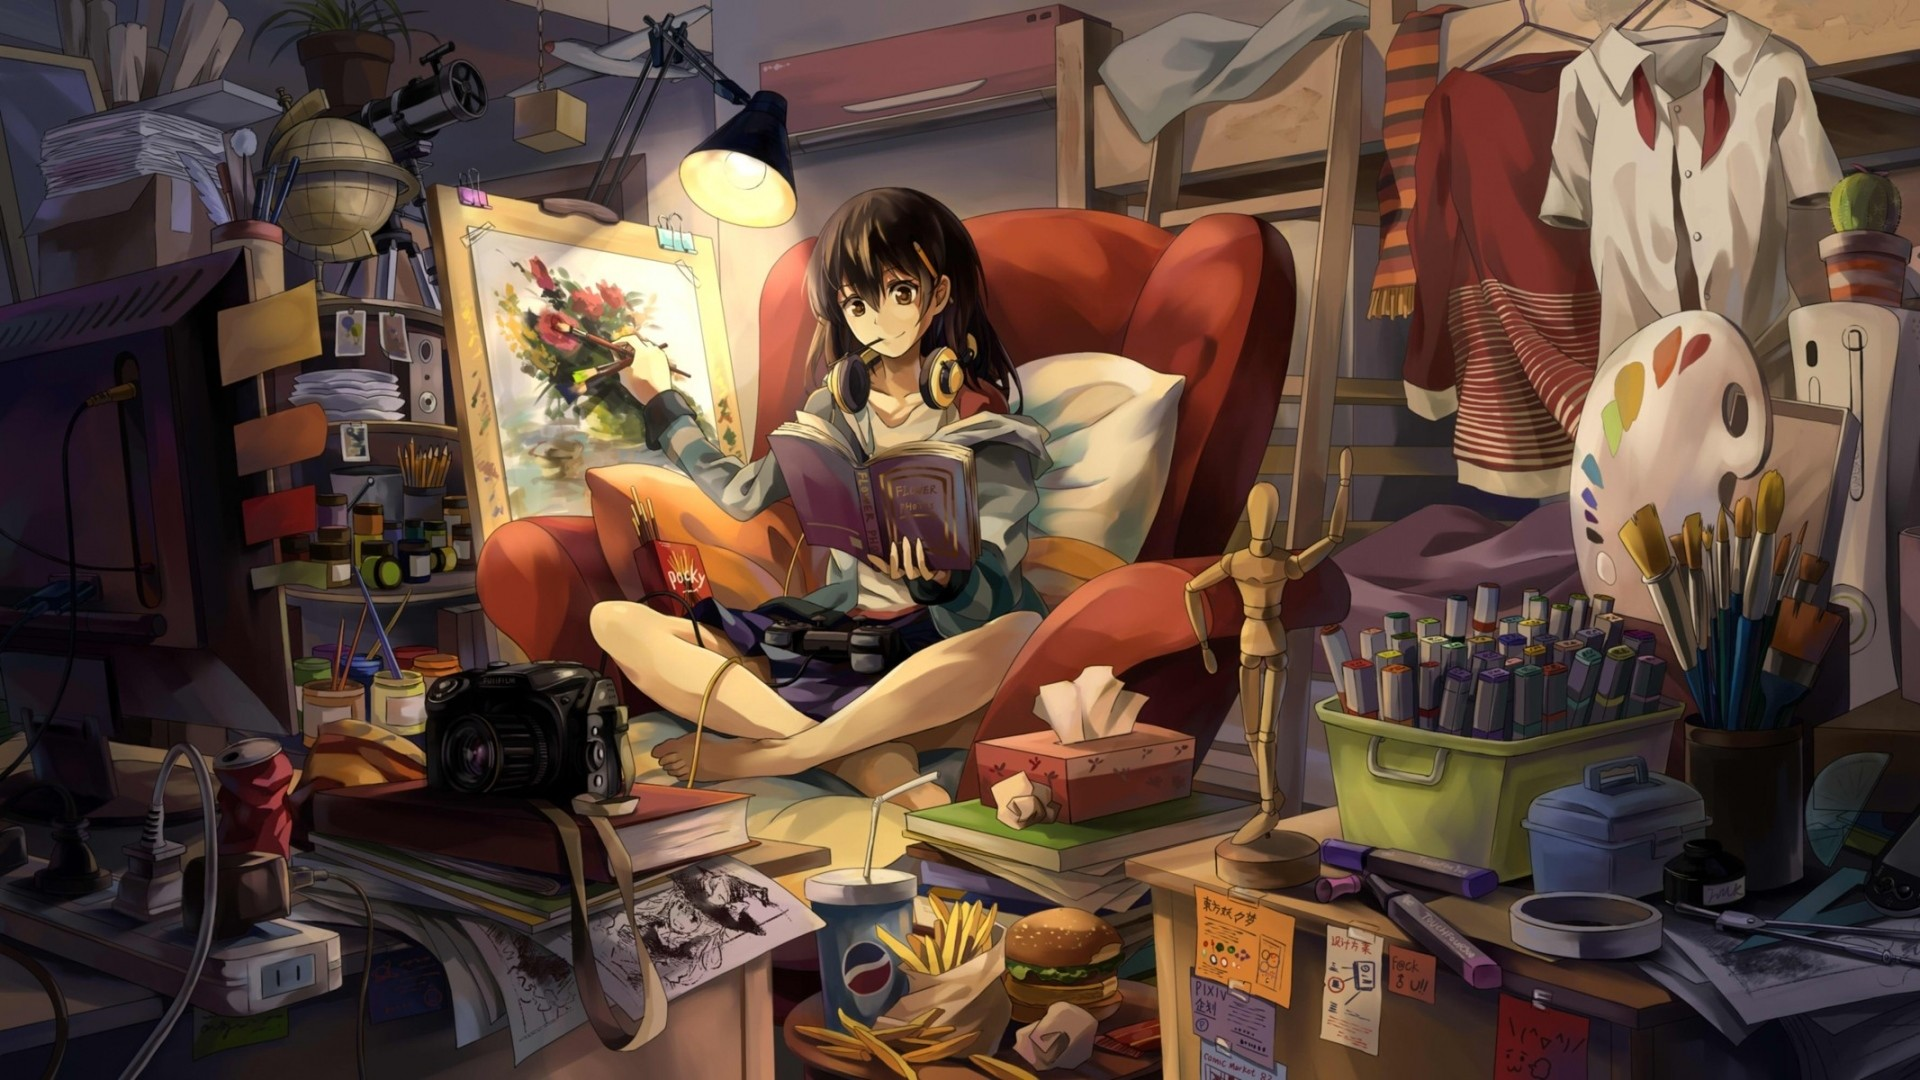 Wallpaper neko, yanshoujie, room, girl, graphic, hand, headphones,